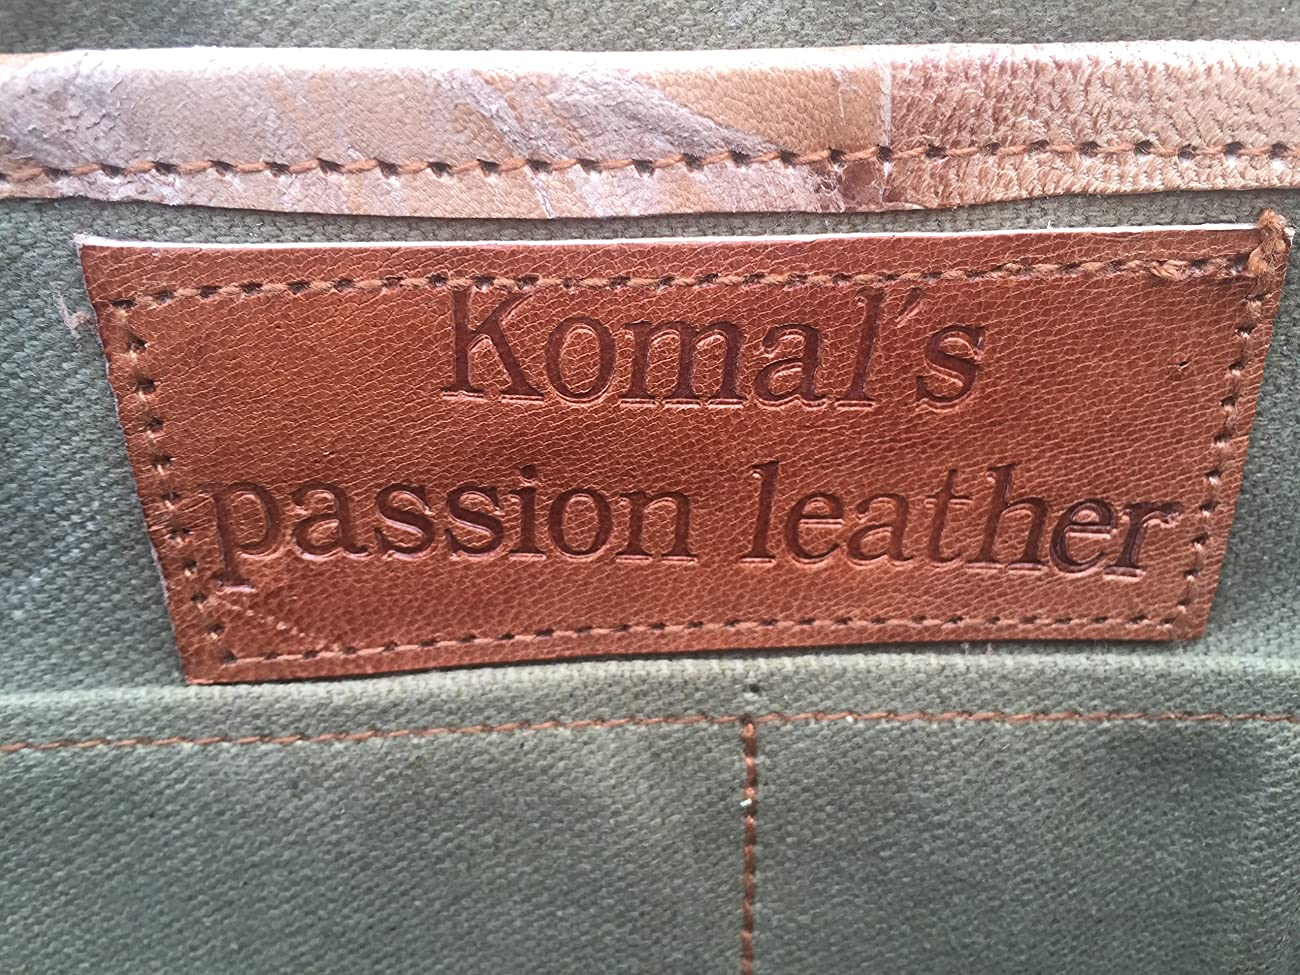 PL 16 Inch Vintage Leather Messenger Bag Briefcase / Fits upto 15.6 Inch Laptop 6